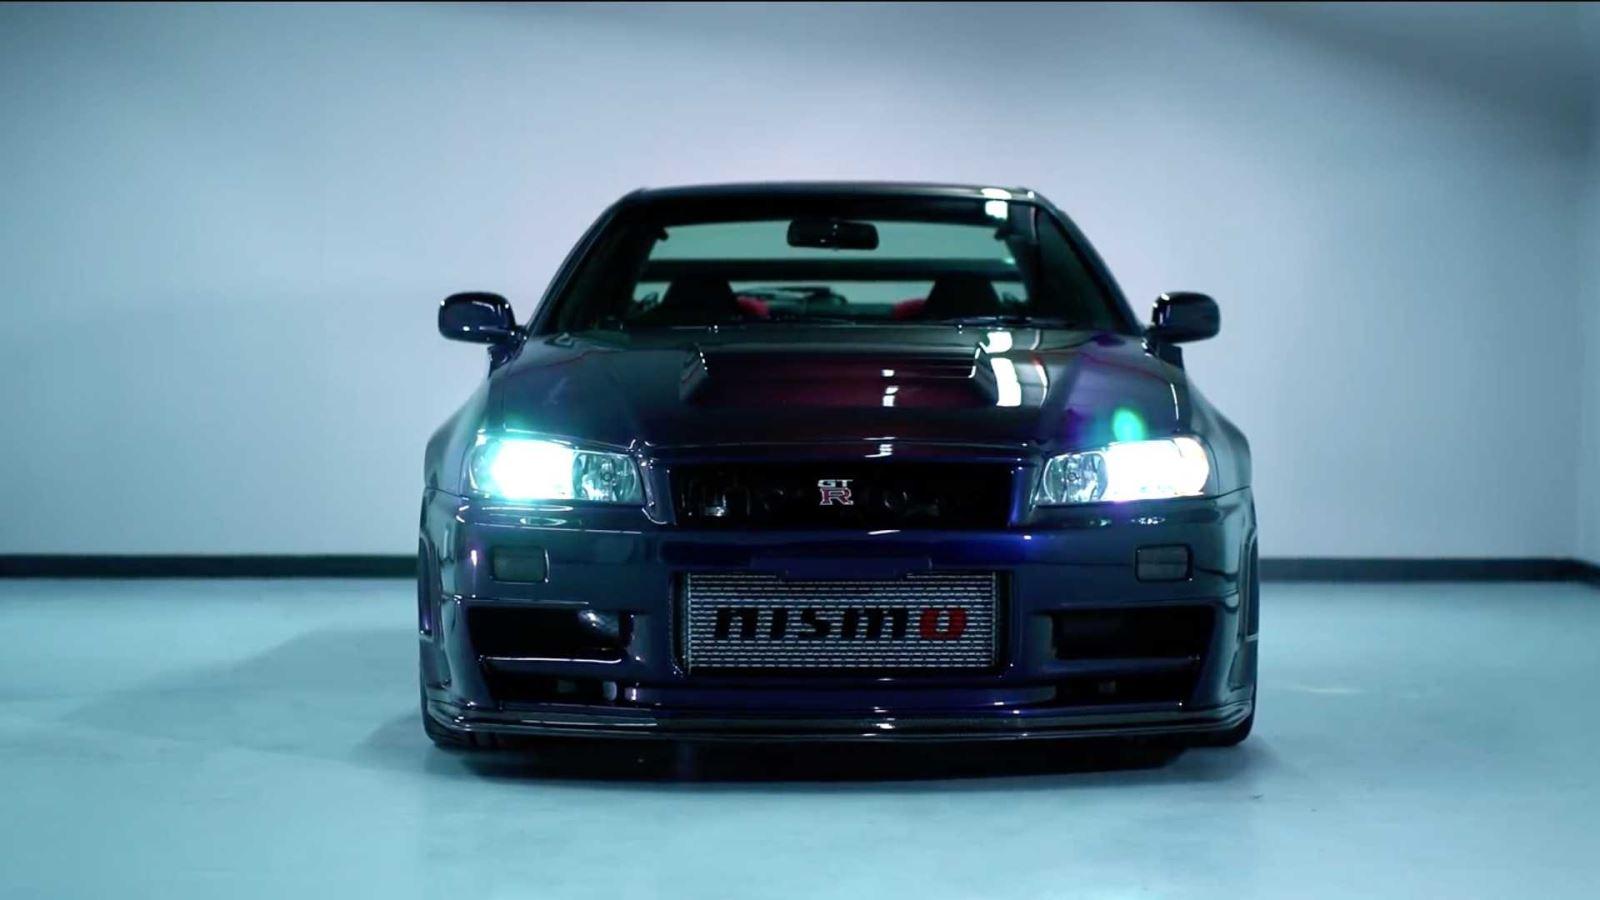 """Chiêm ngưỡng """"quái vật"""" Nissan GT-R R34 phiên bản màu hiếm, đắt nhất thế giới"""